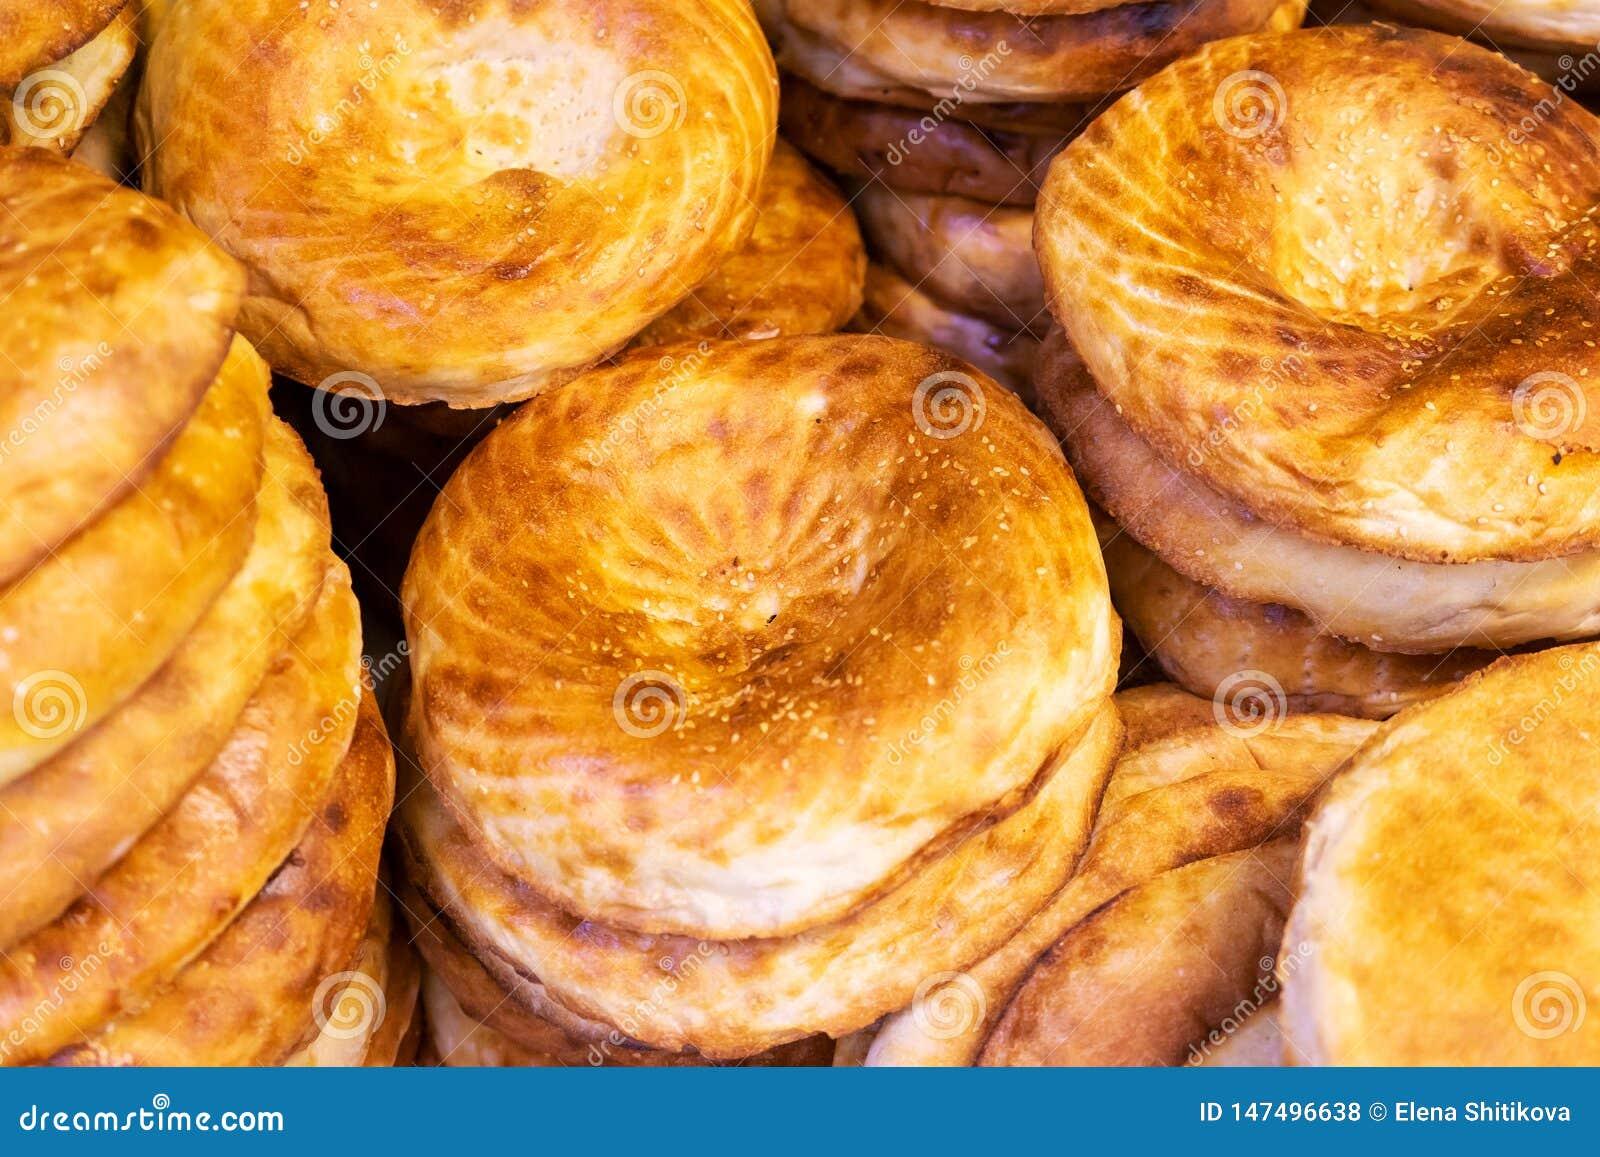 亚美尼亚皮塔饼面包新鲜面包